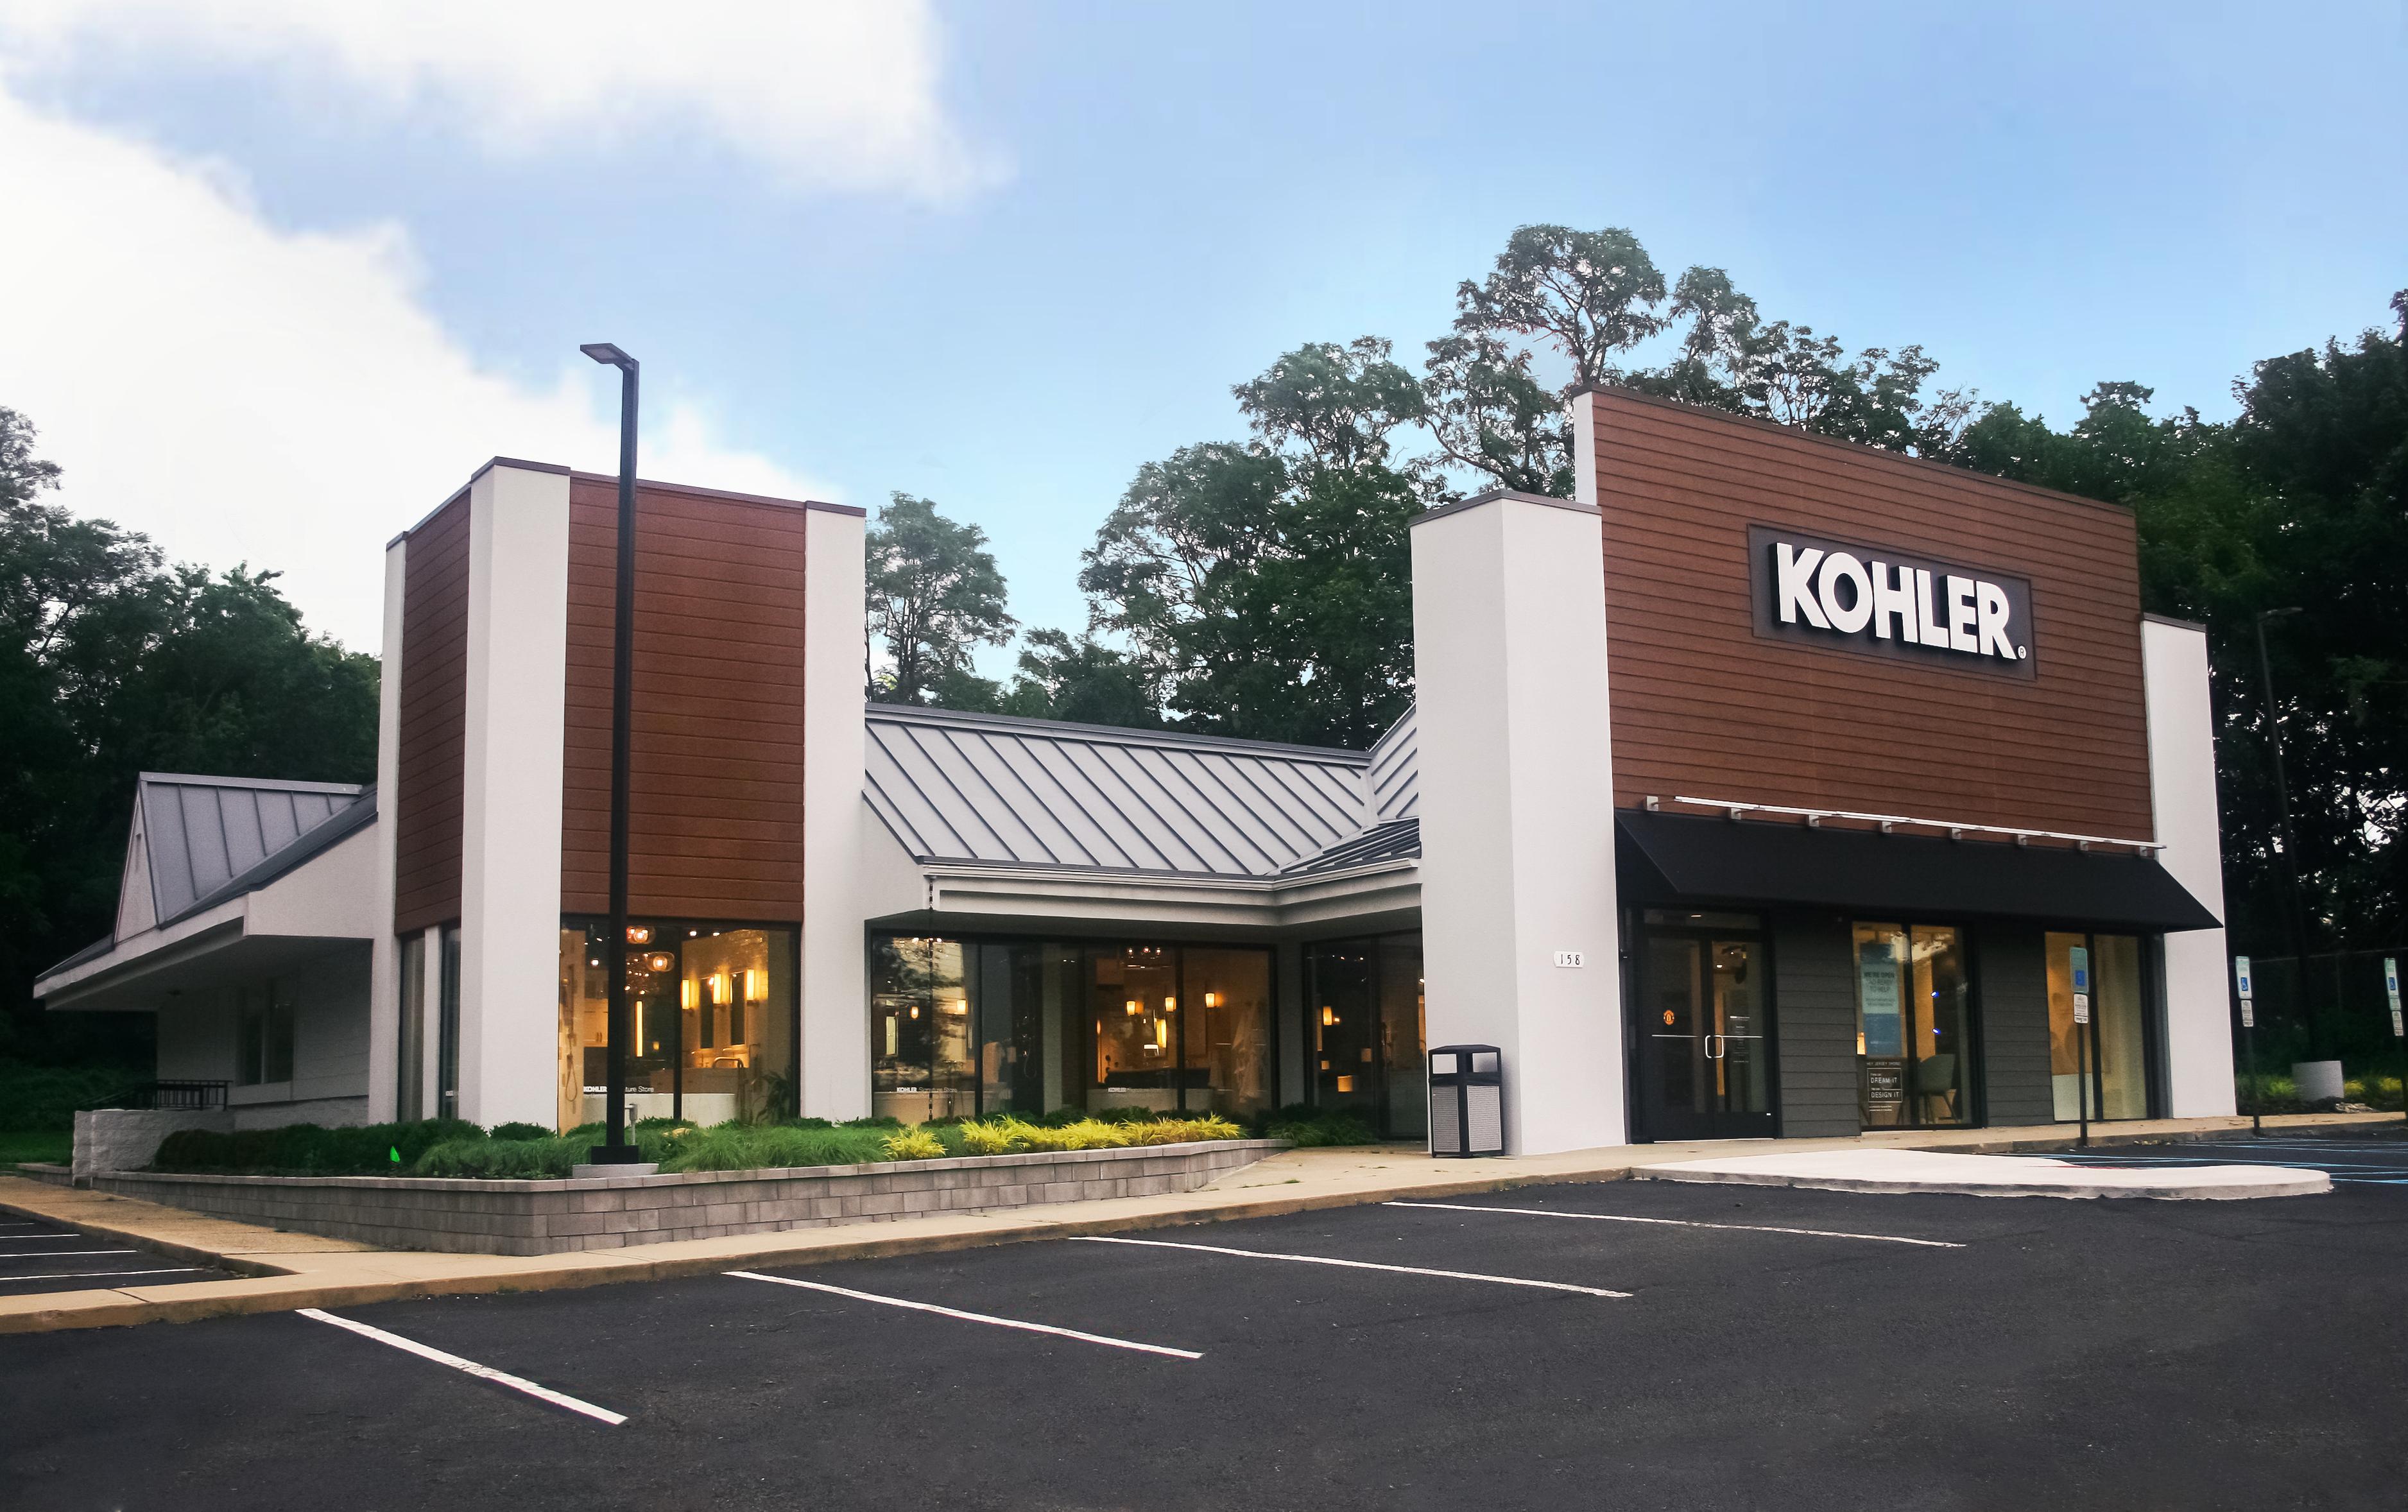 Kohler Store Eatontown Exterior